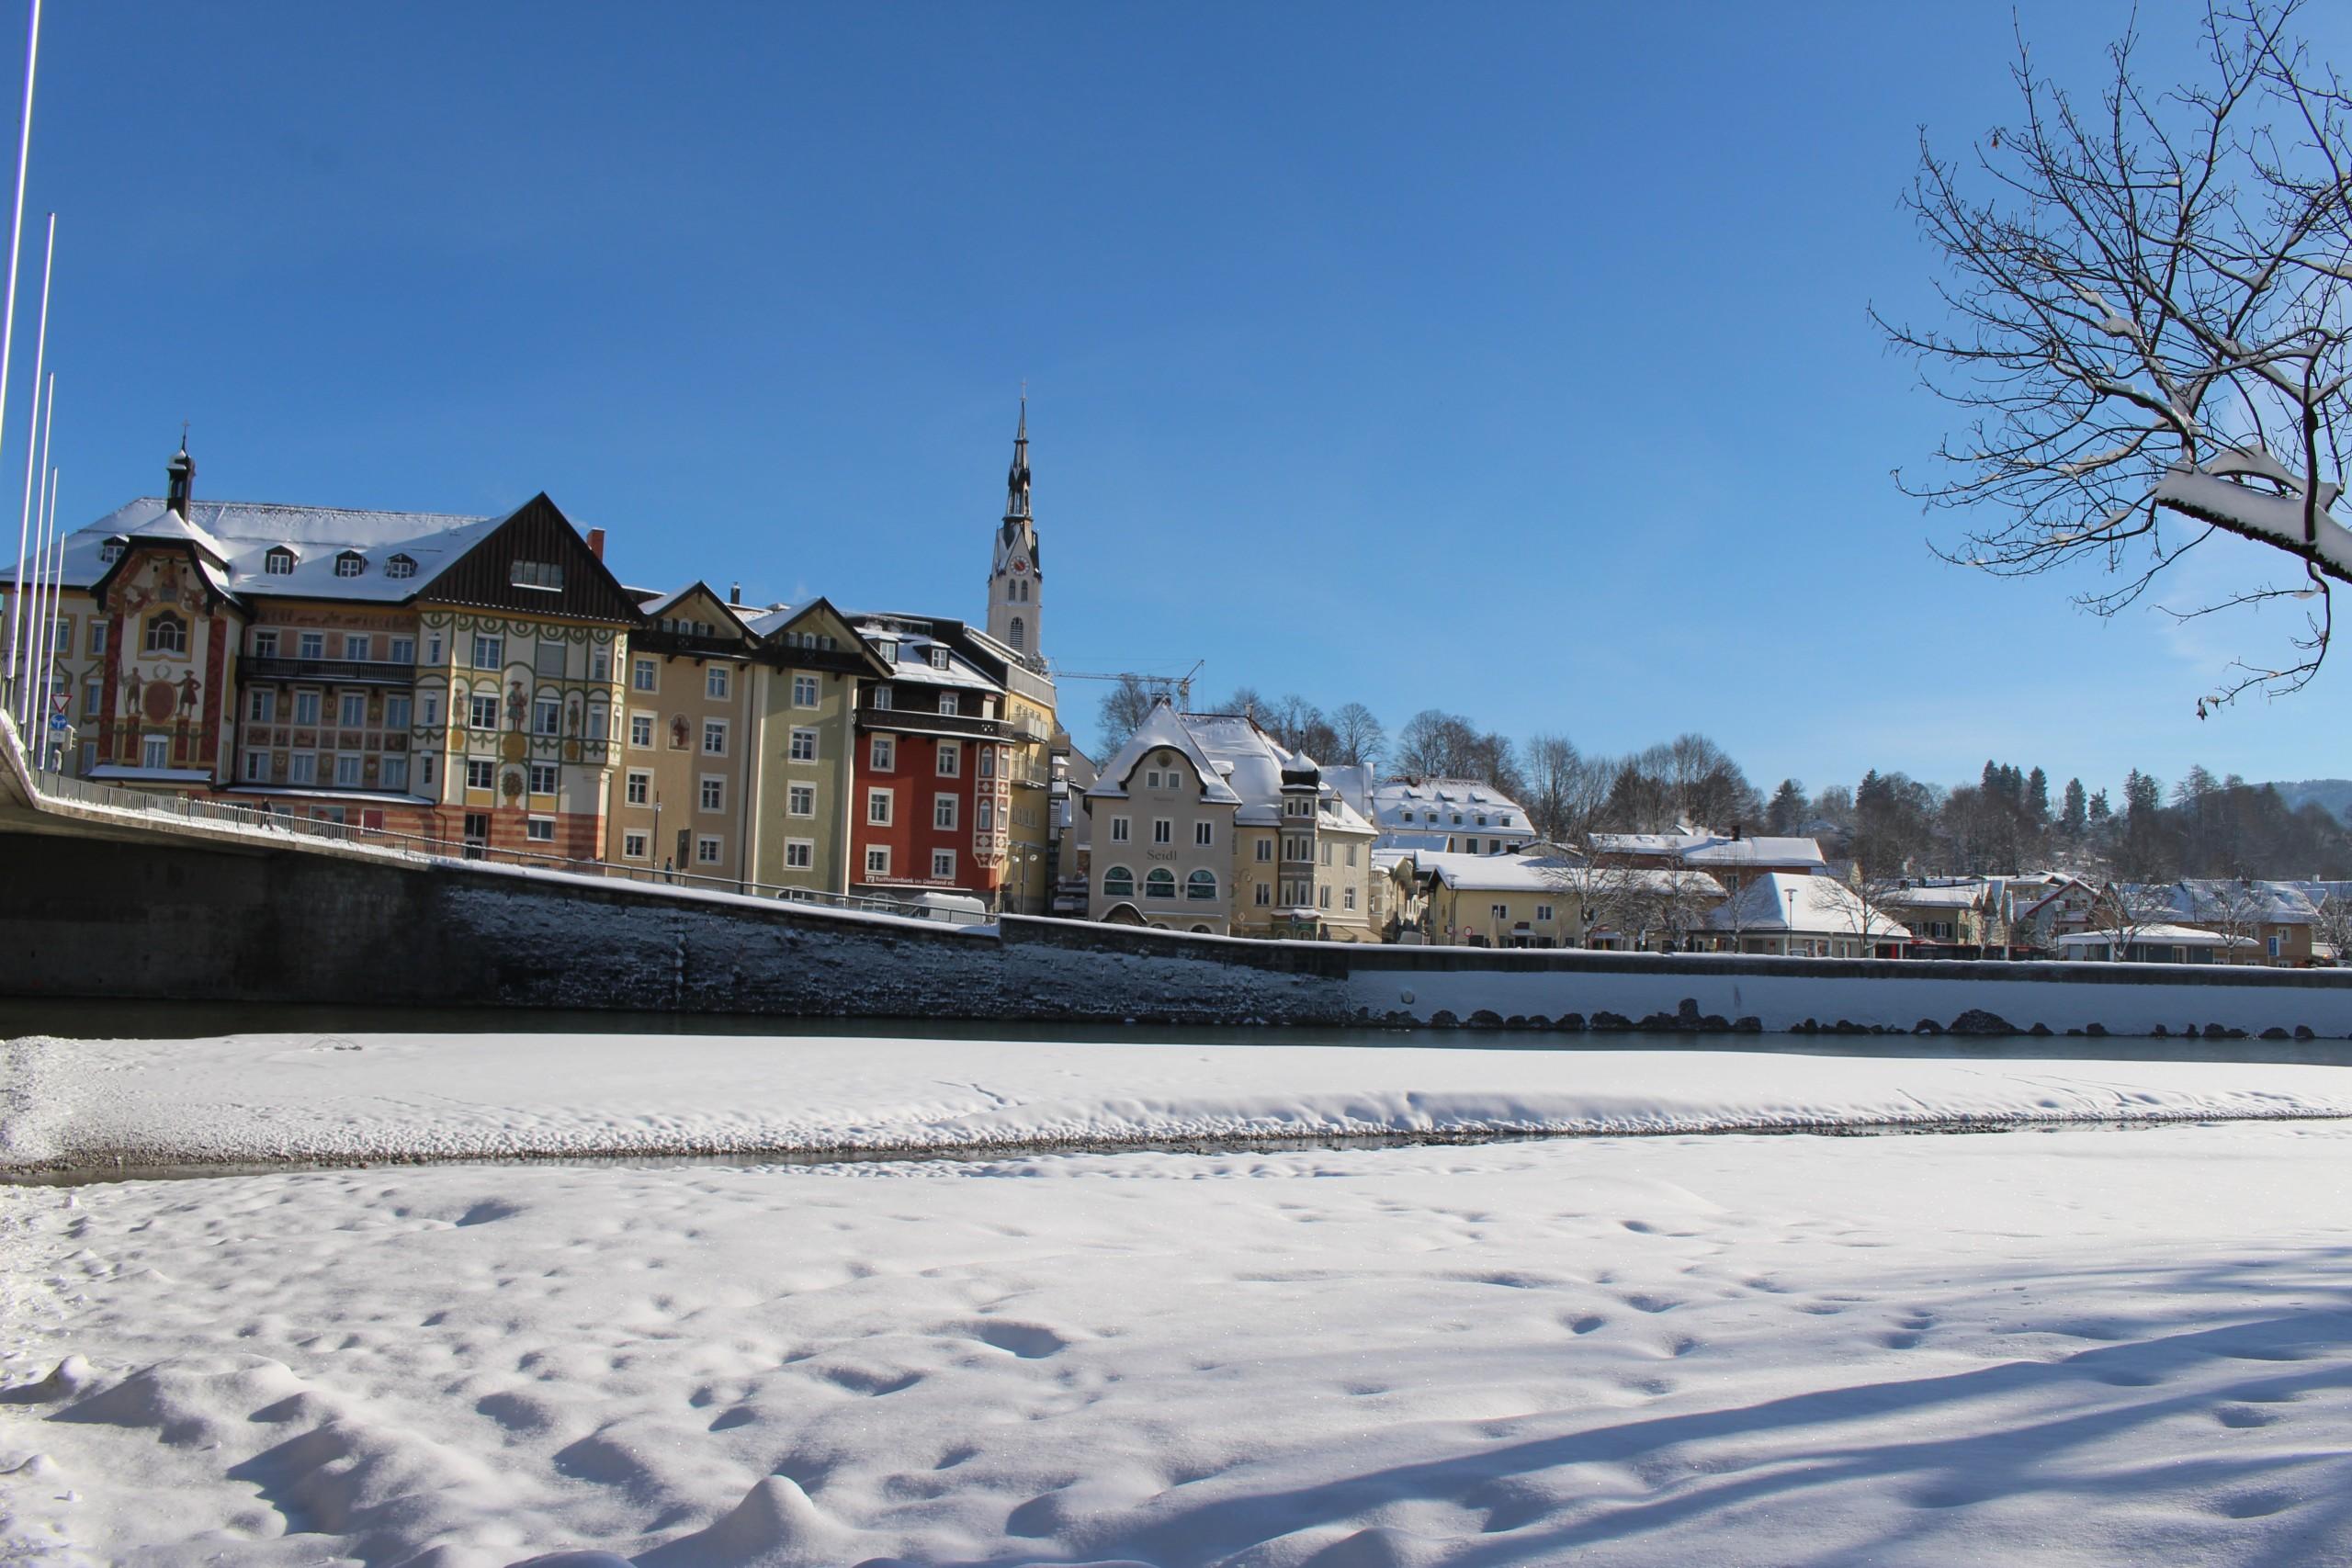 Winterwandern in Bad Tölz